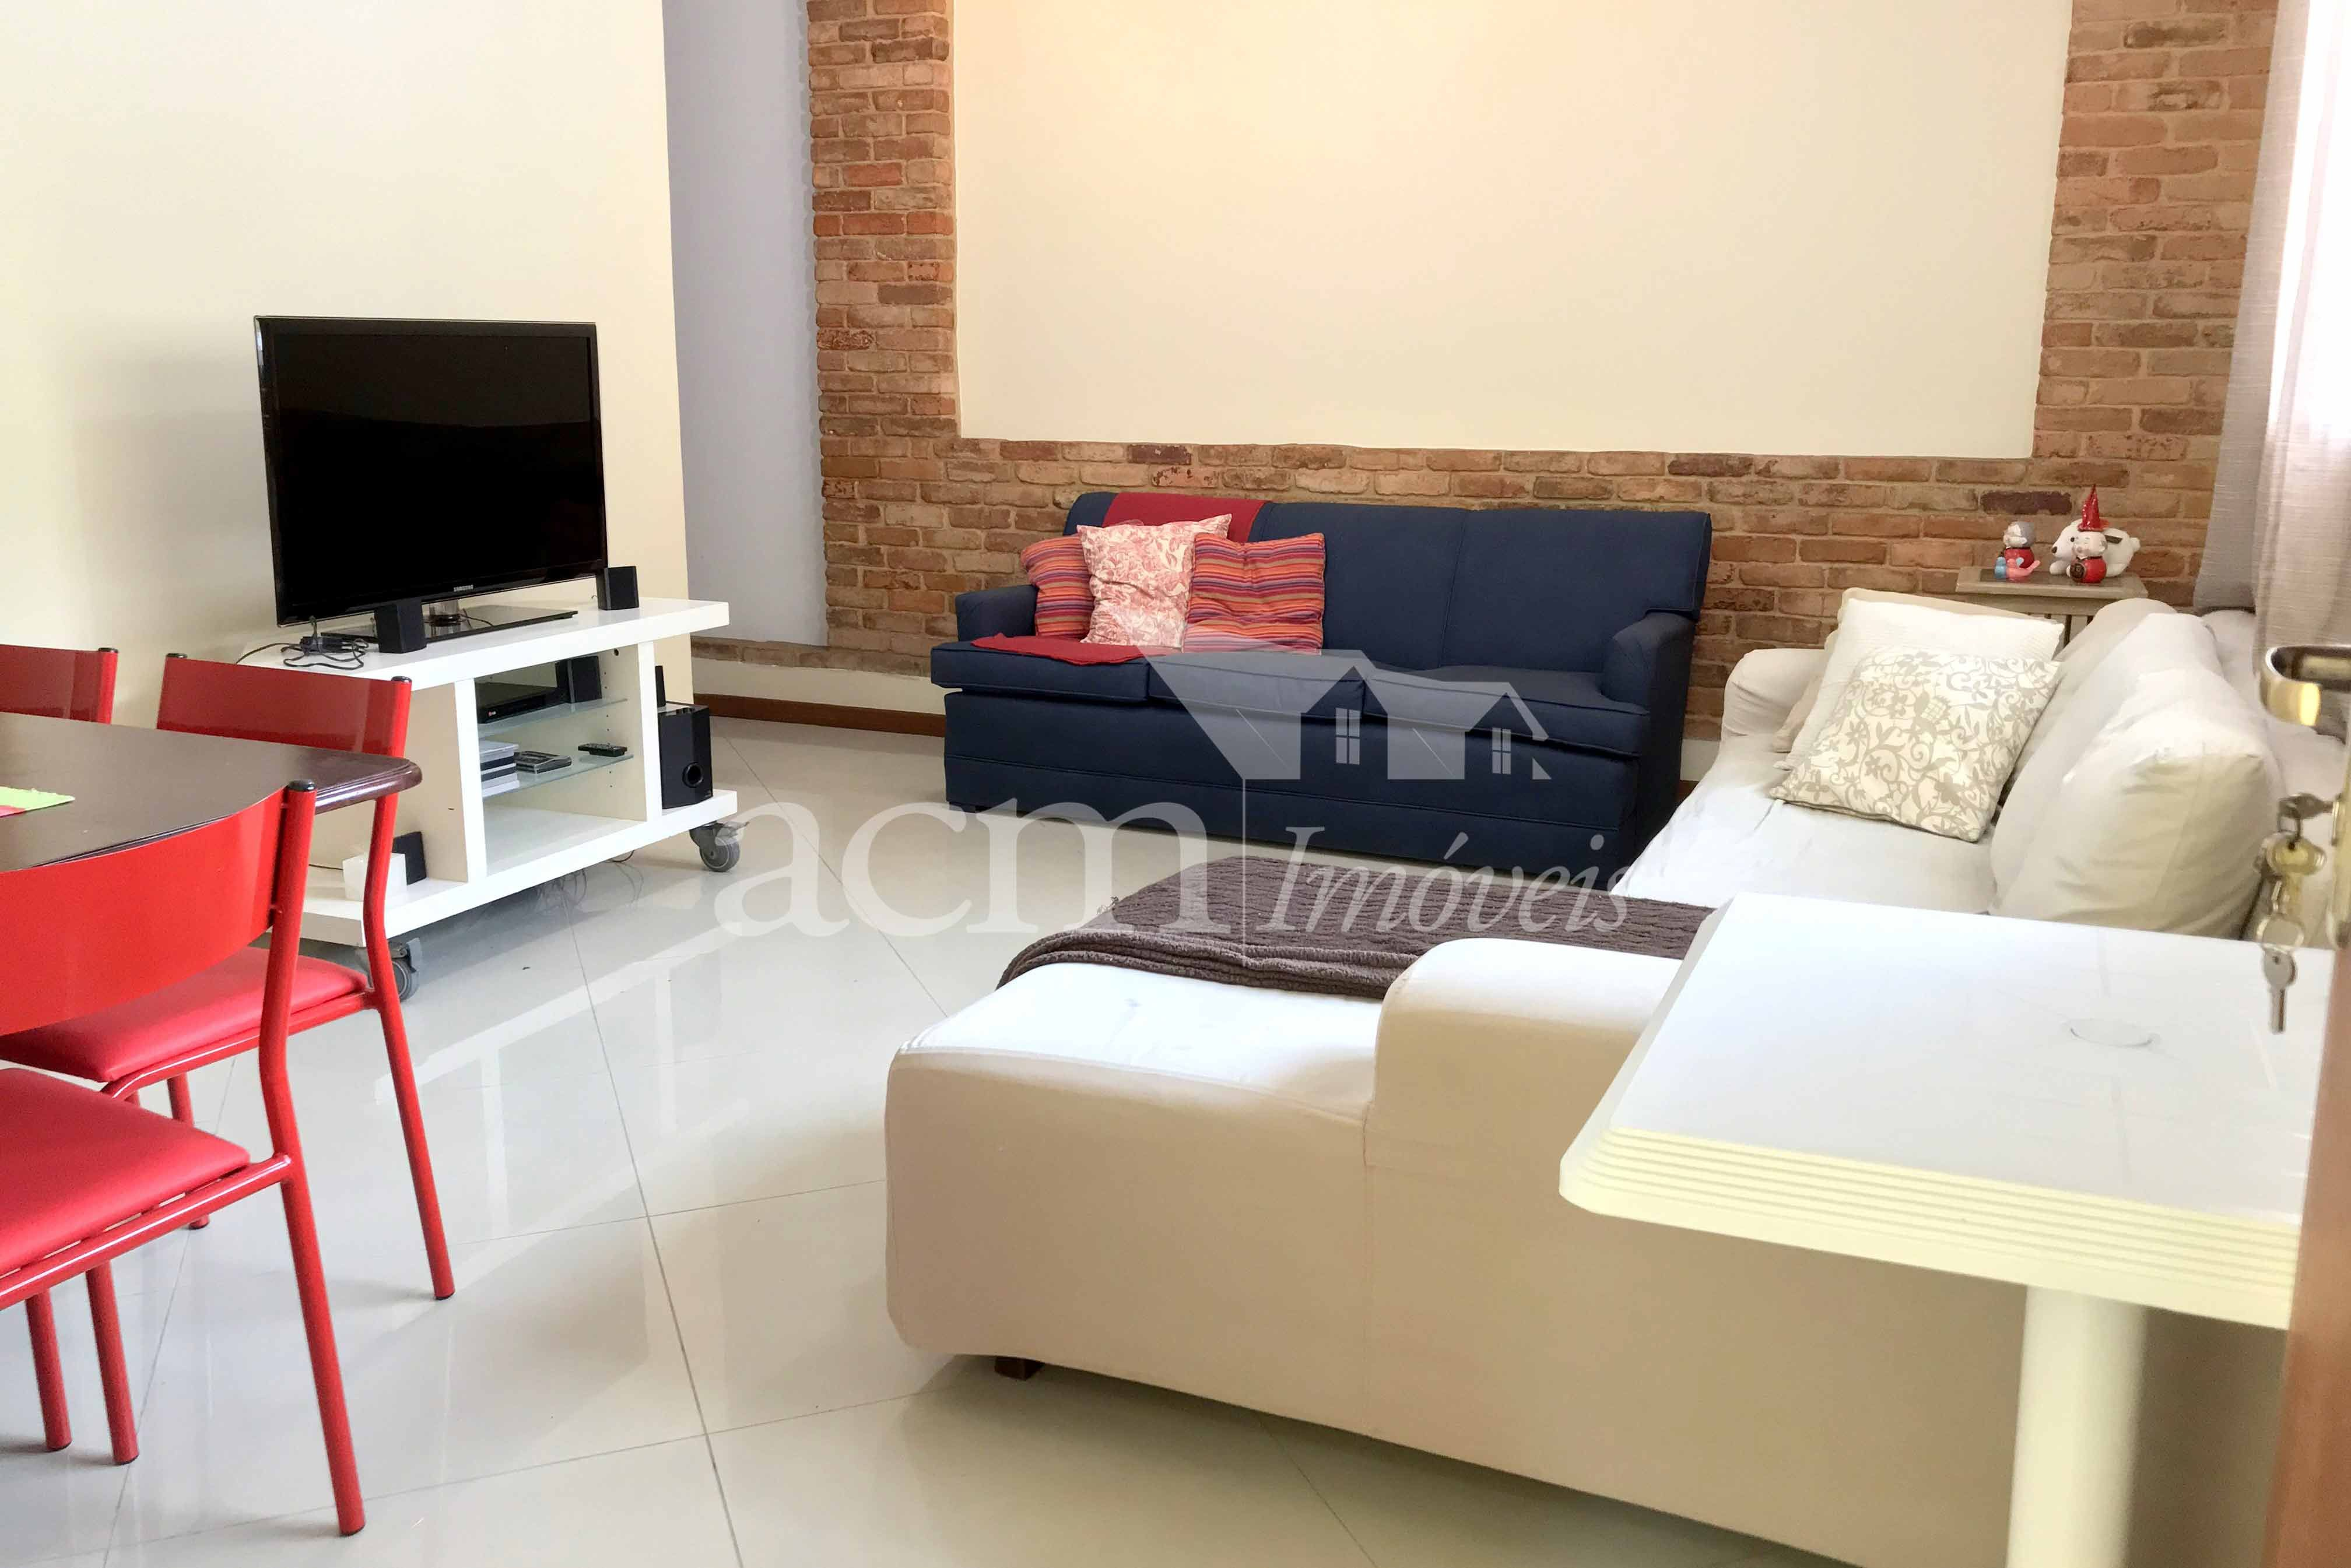 Compre Ou Alugue Uma Casa Apartamento Ou Sitios Em Itaipava E